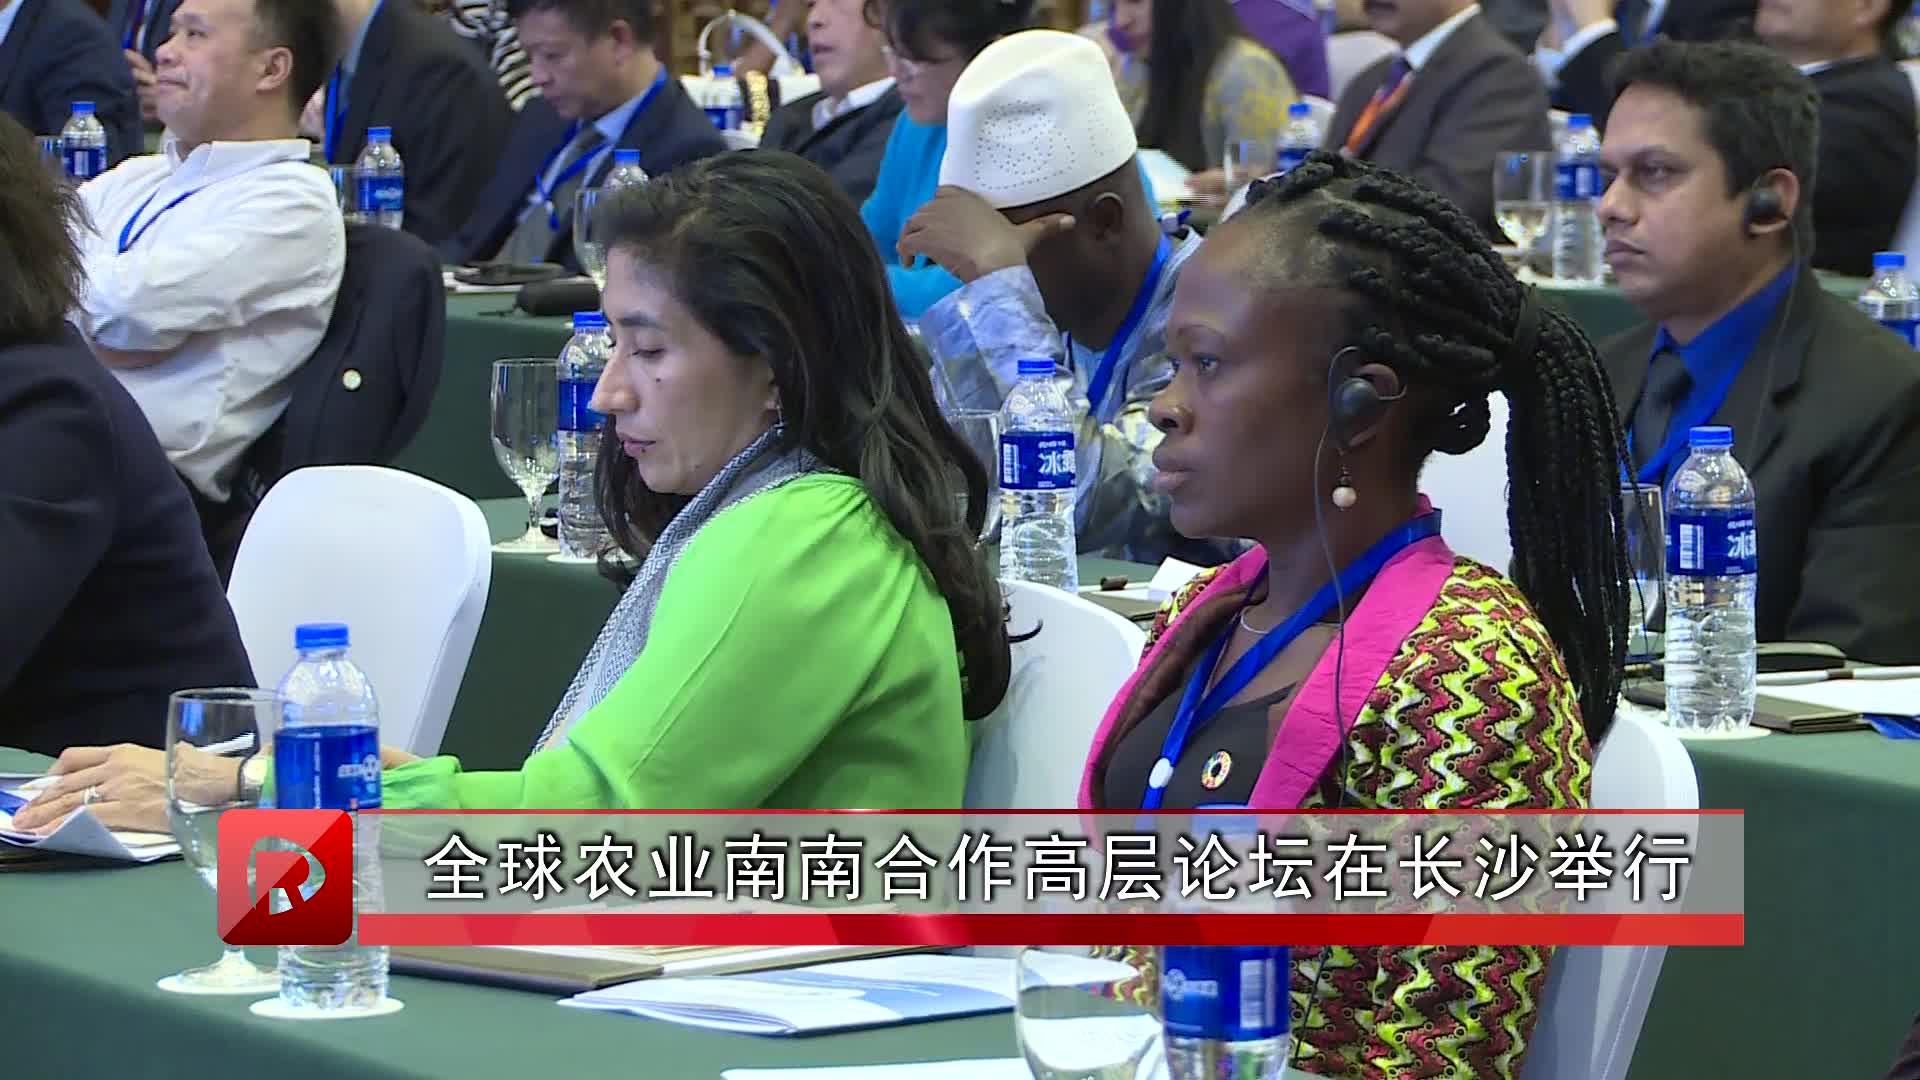 全球农业南南合作高层论坛在长沙举行